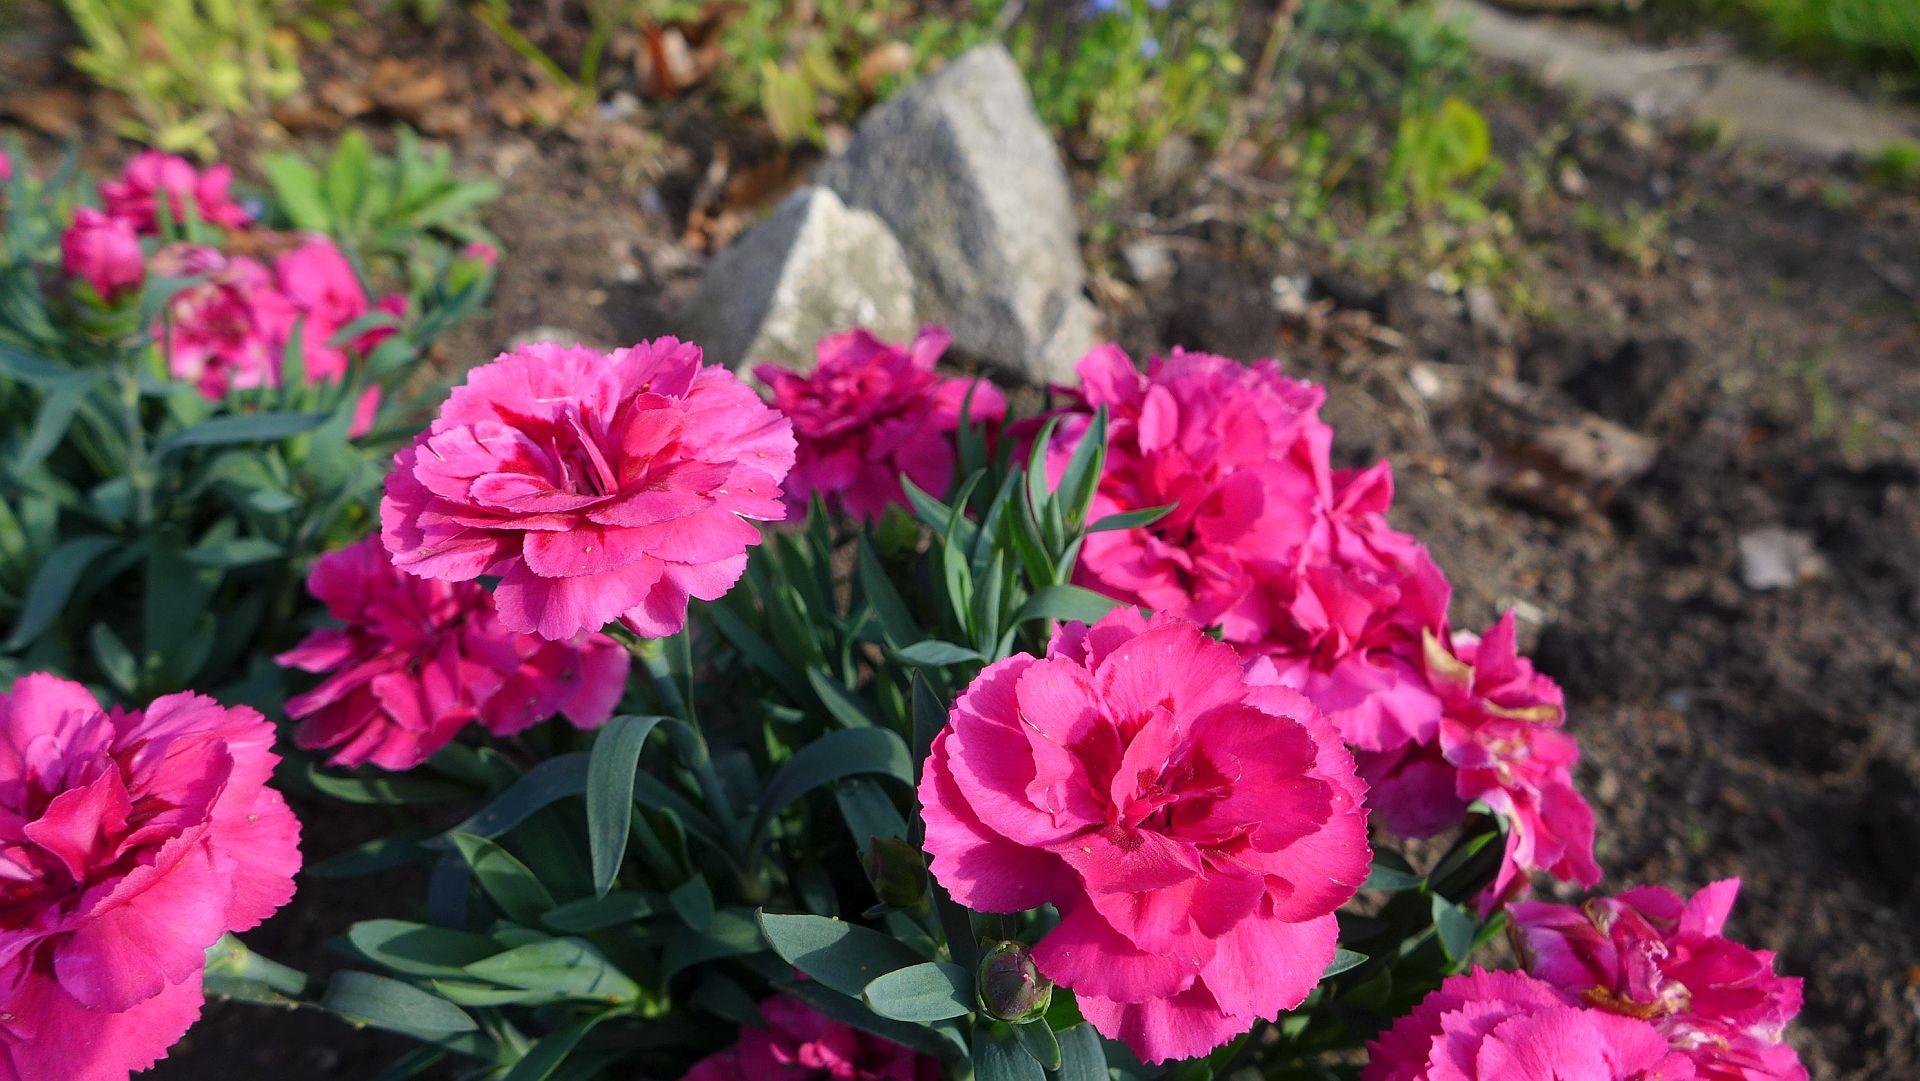 01_Blühender Frühling